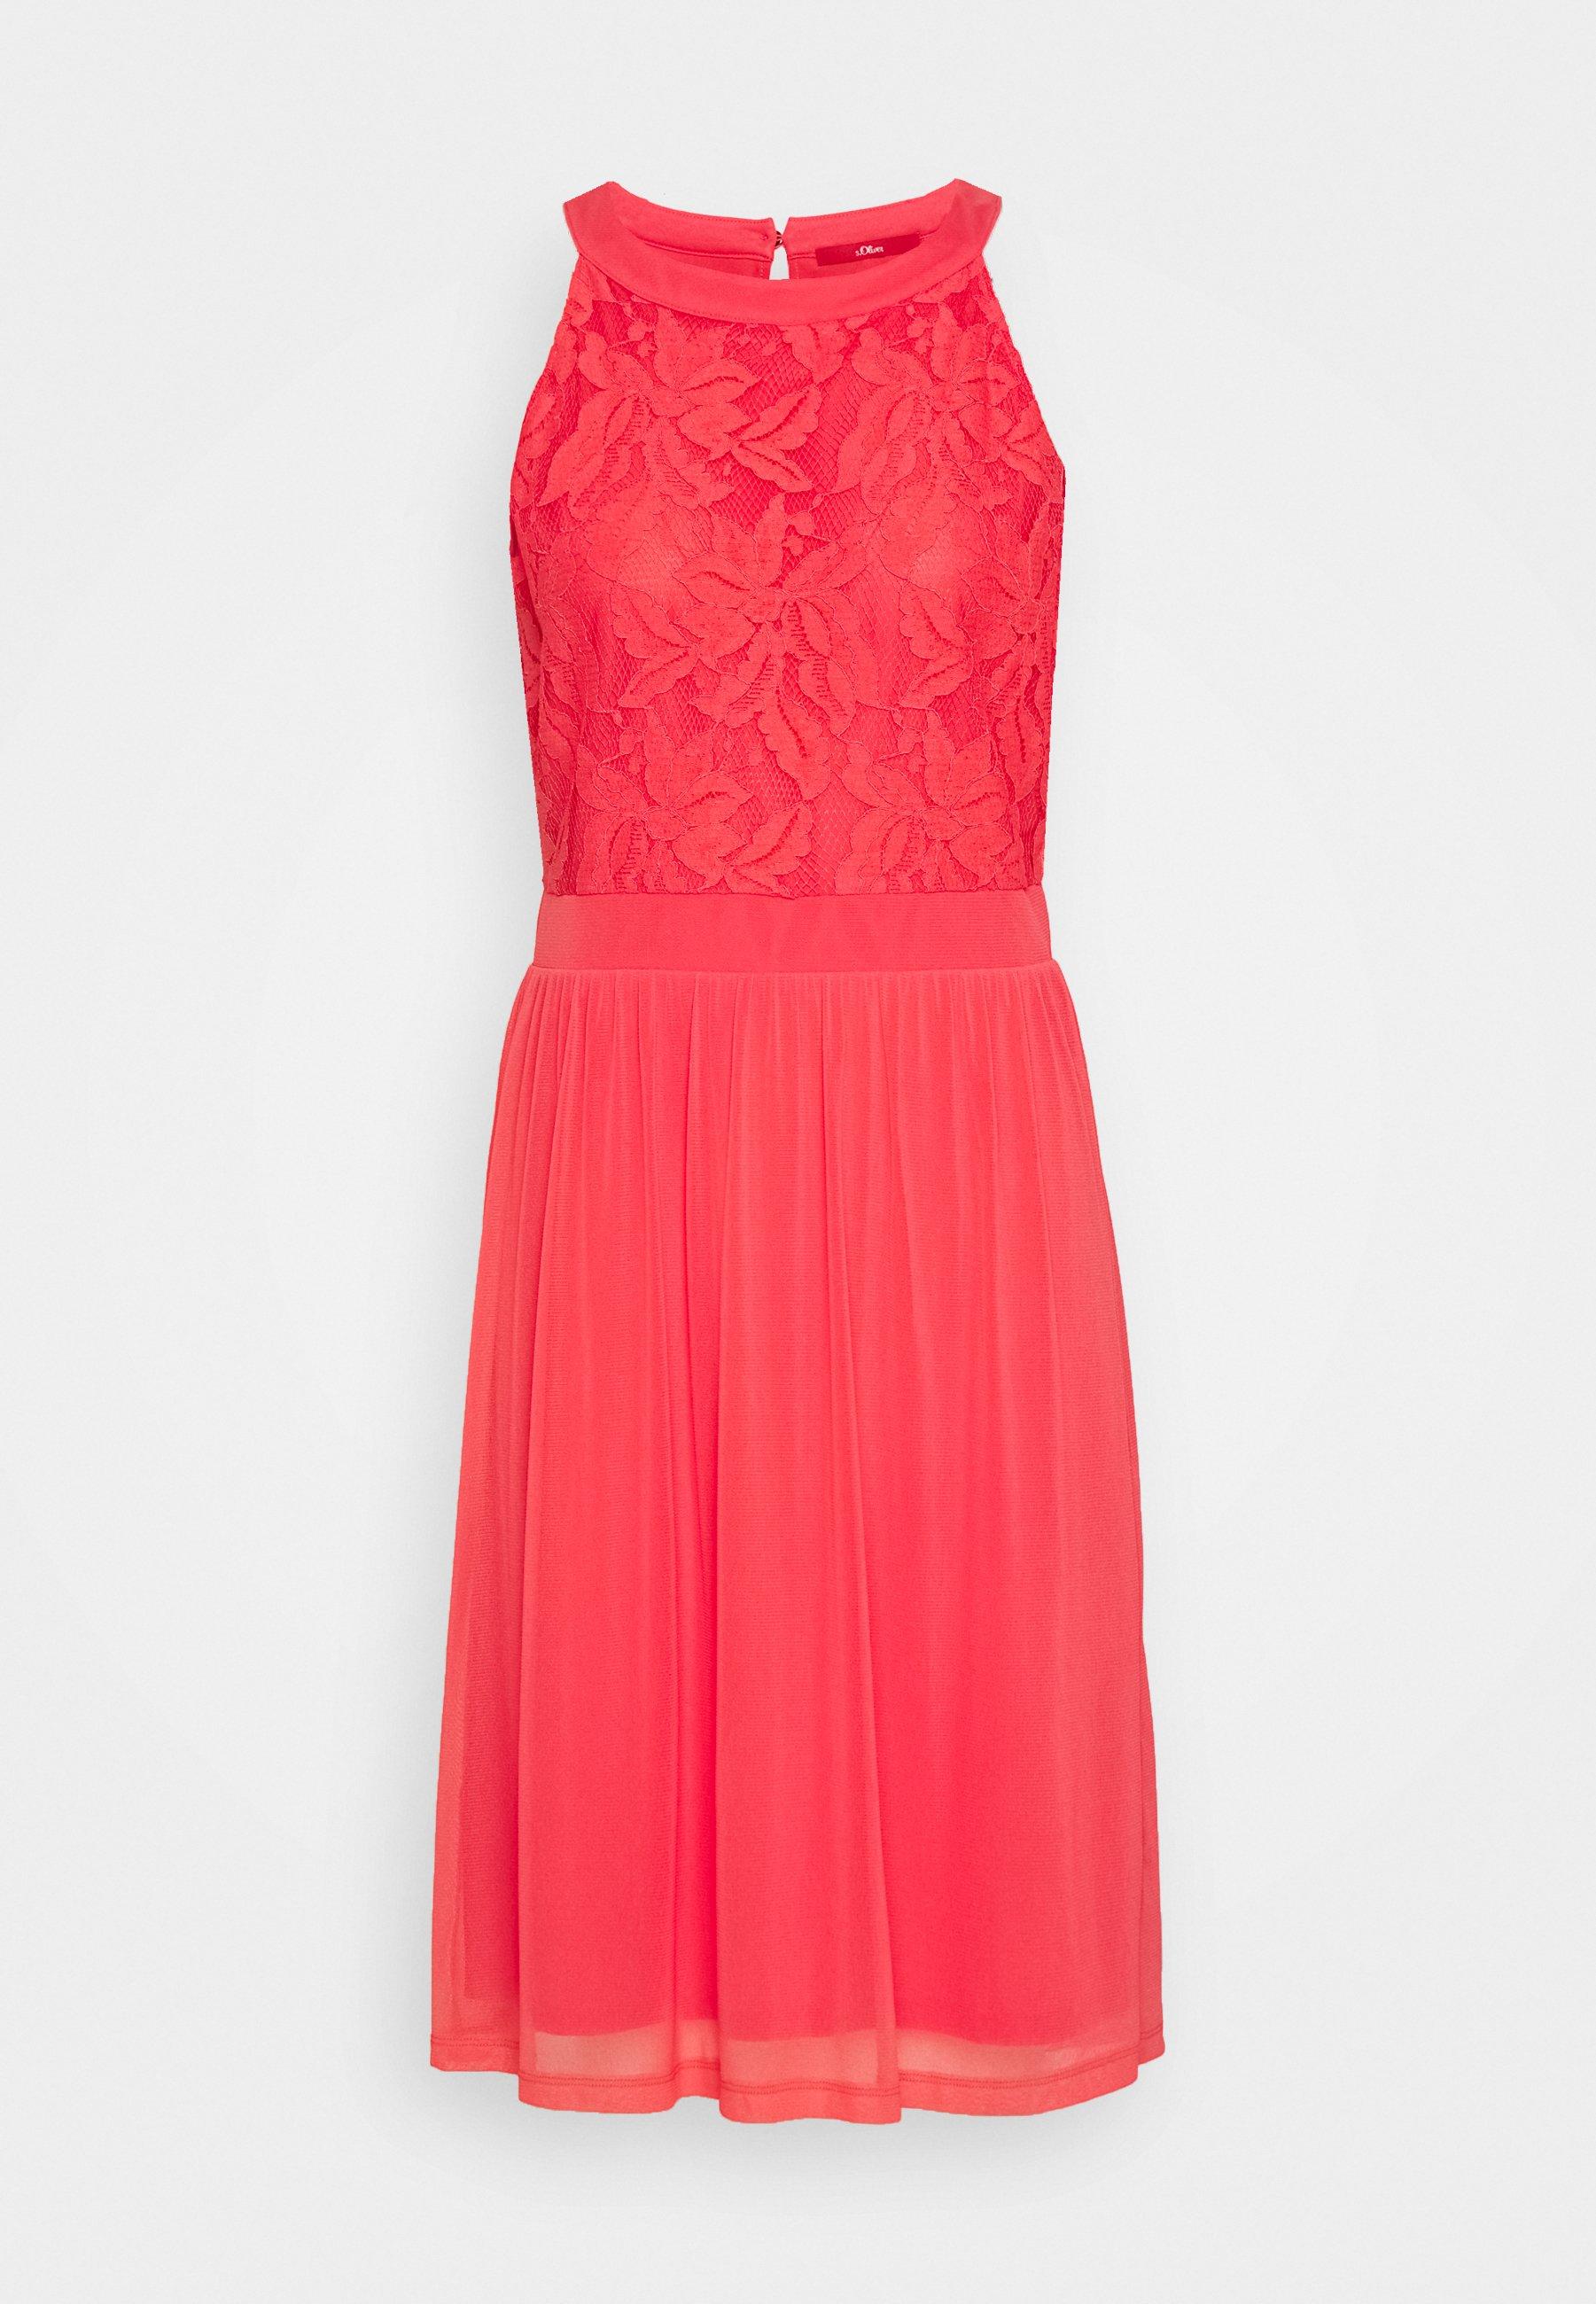 Cocktailkleid/festliches Kleid - coral red